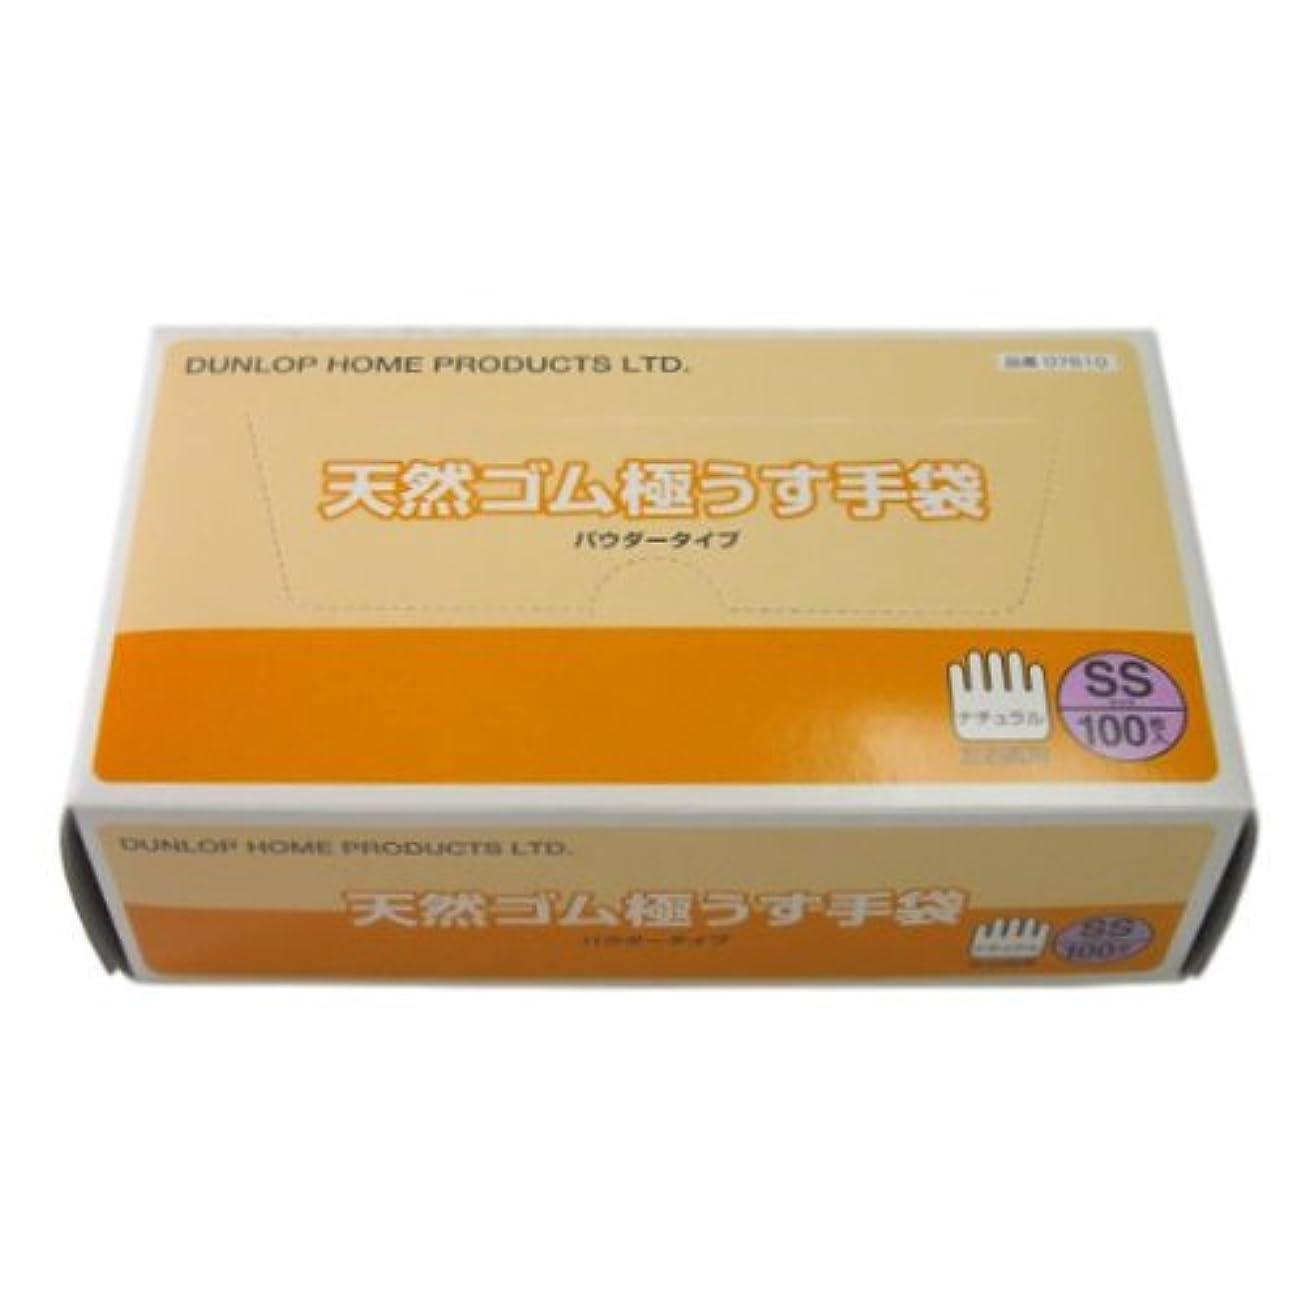 バター入植者パースダンロップ 天然ゴムラテックス極うす手袋 SSサイズ 100枚入